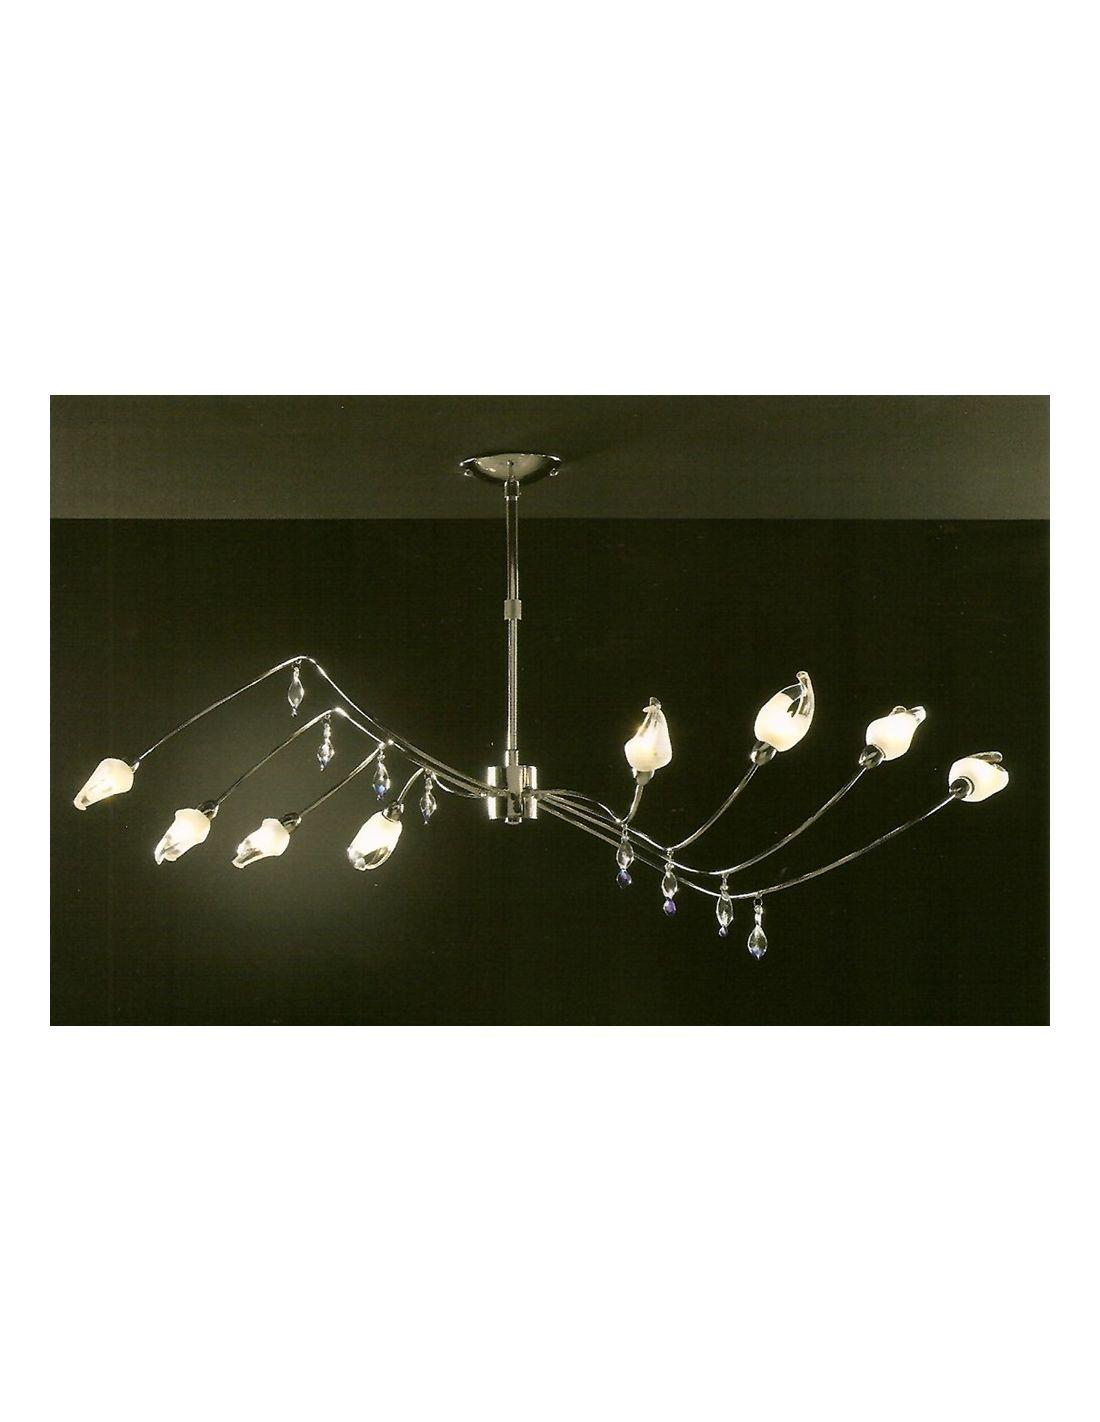 Lamparas lamparas ilumed lamparas online ofertas - Ofertas lamparas techo ...